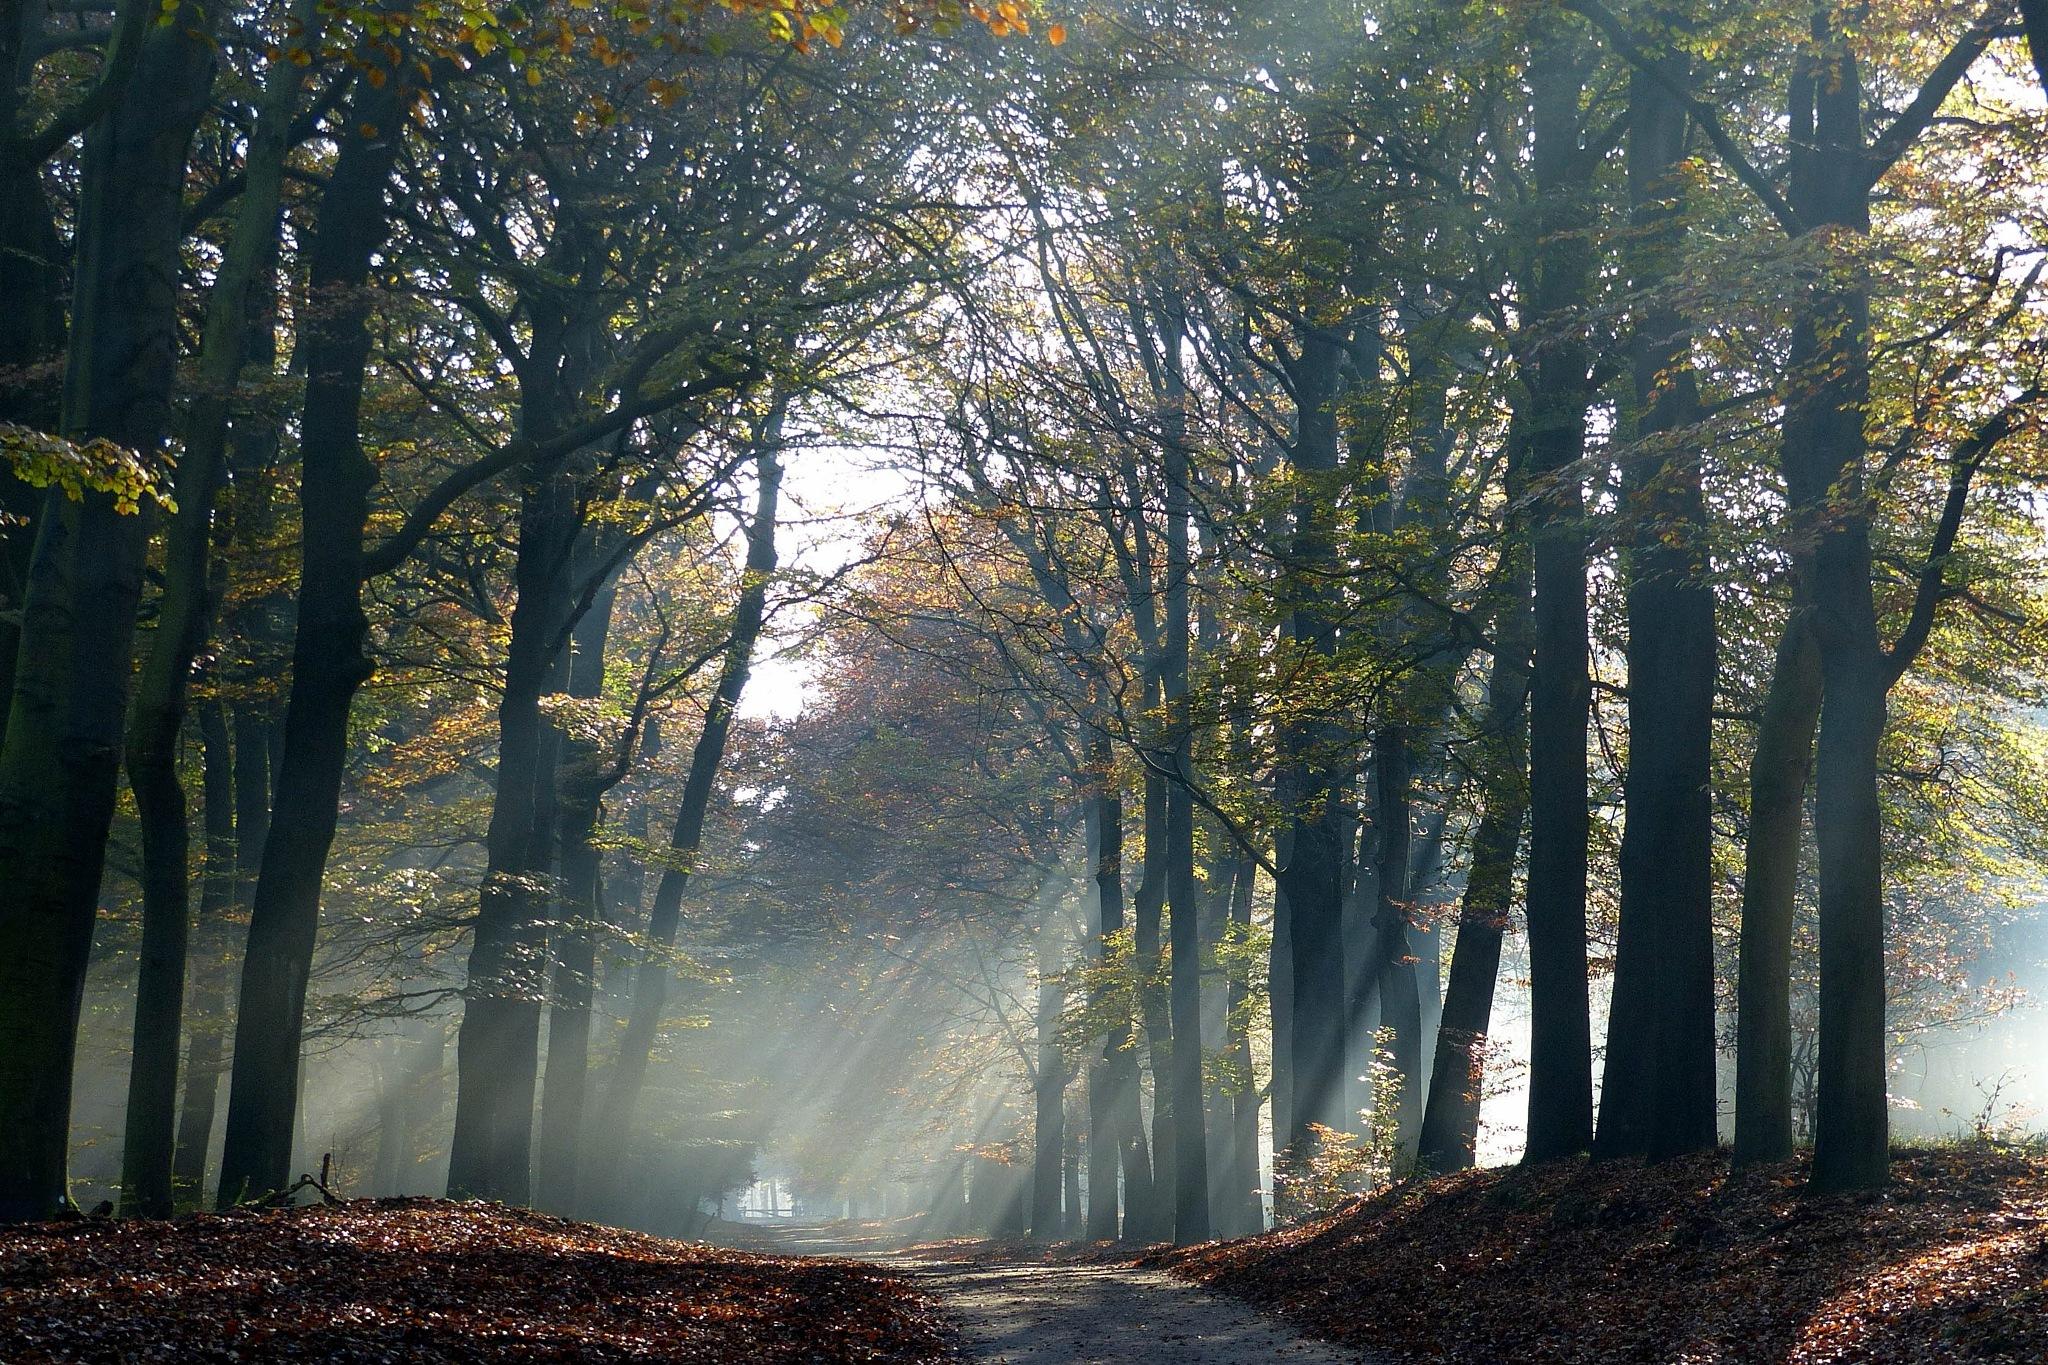 Holland: Sunbeams at national park Postbank by Roy Maas